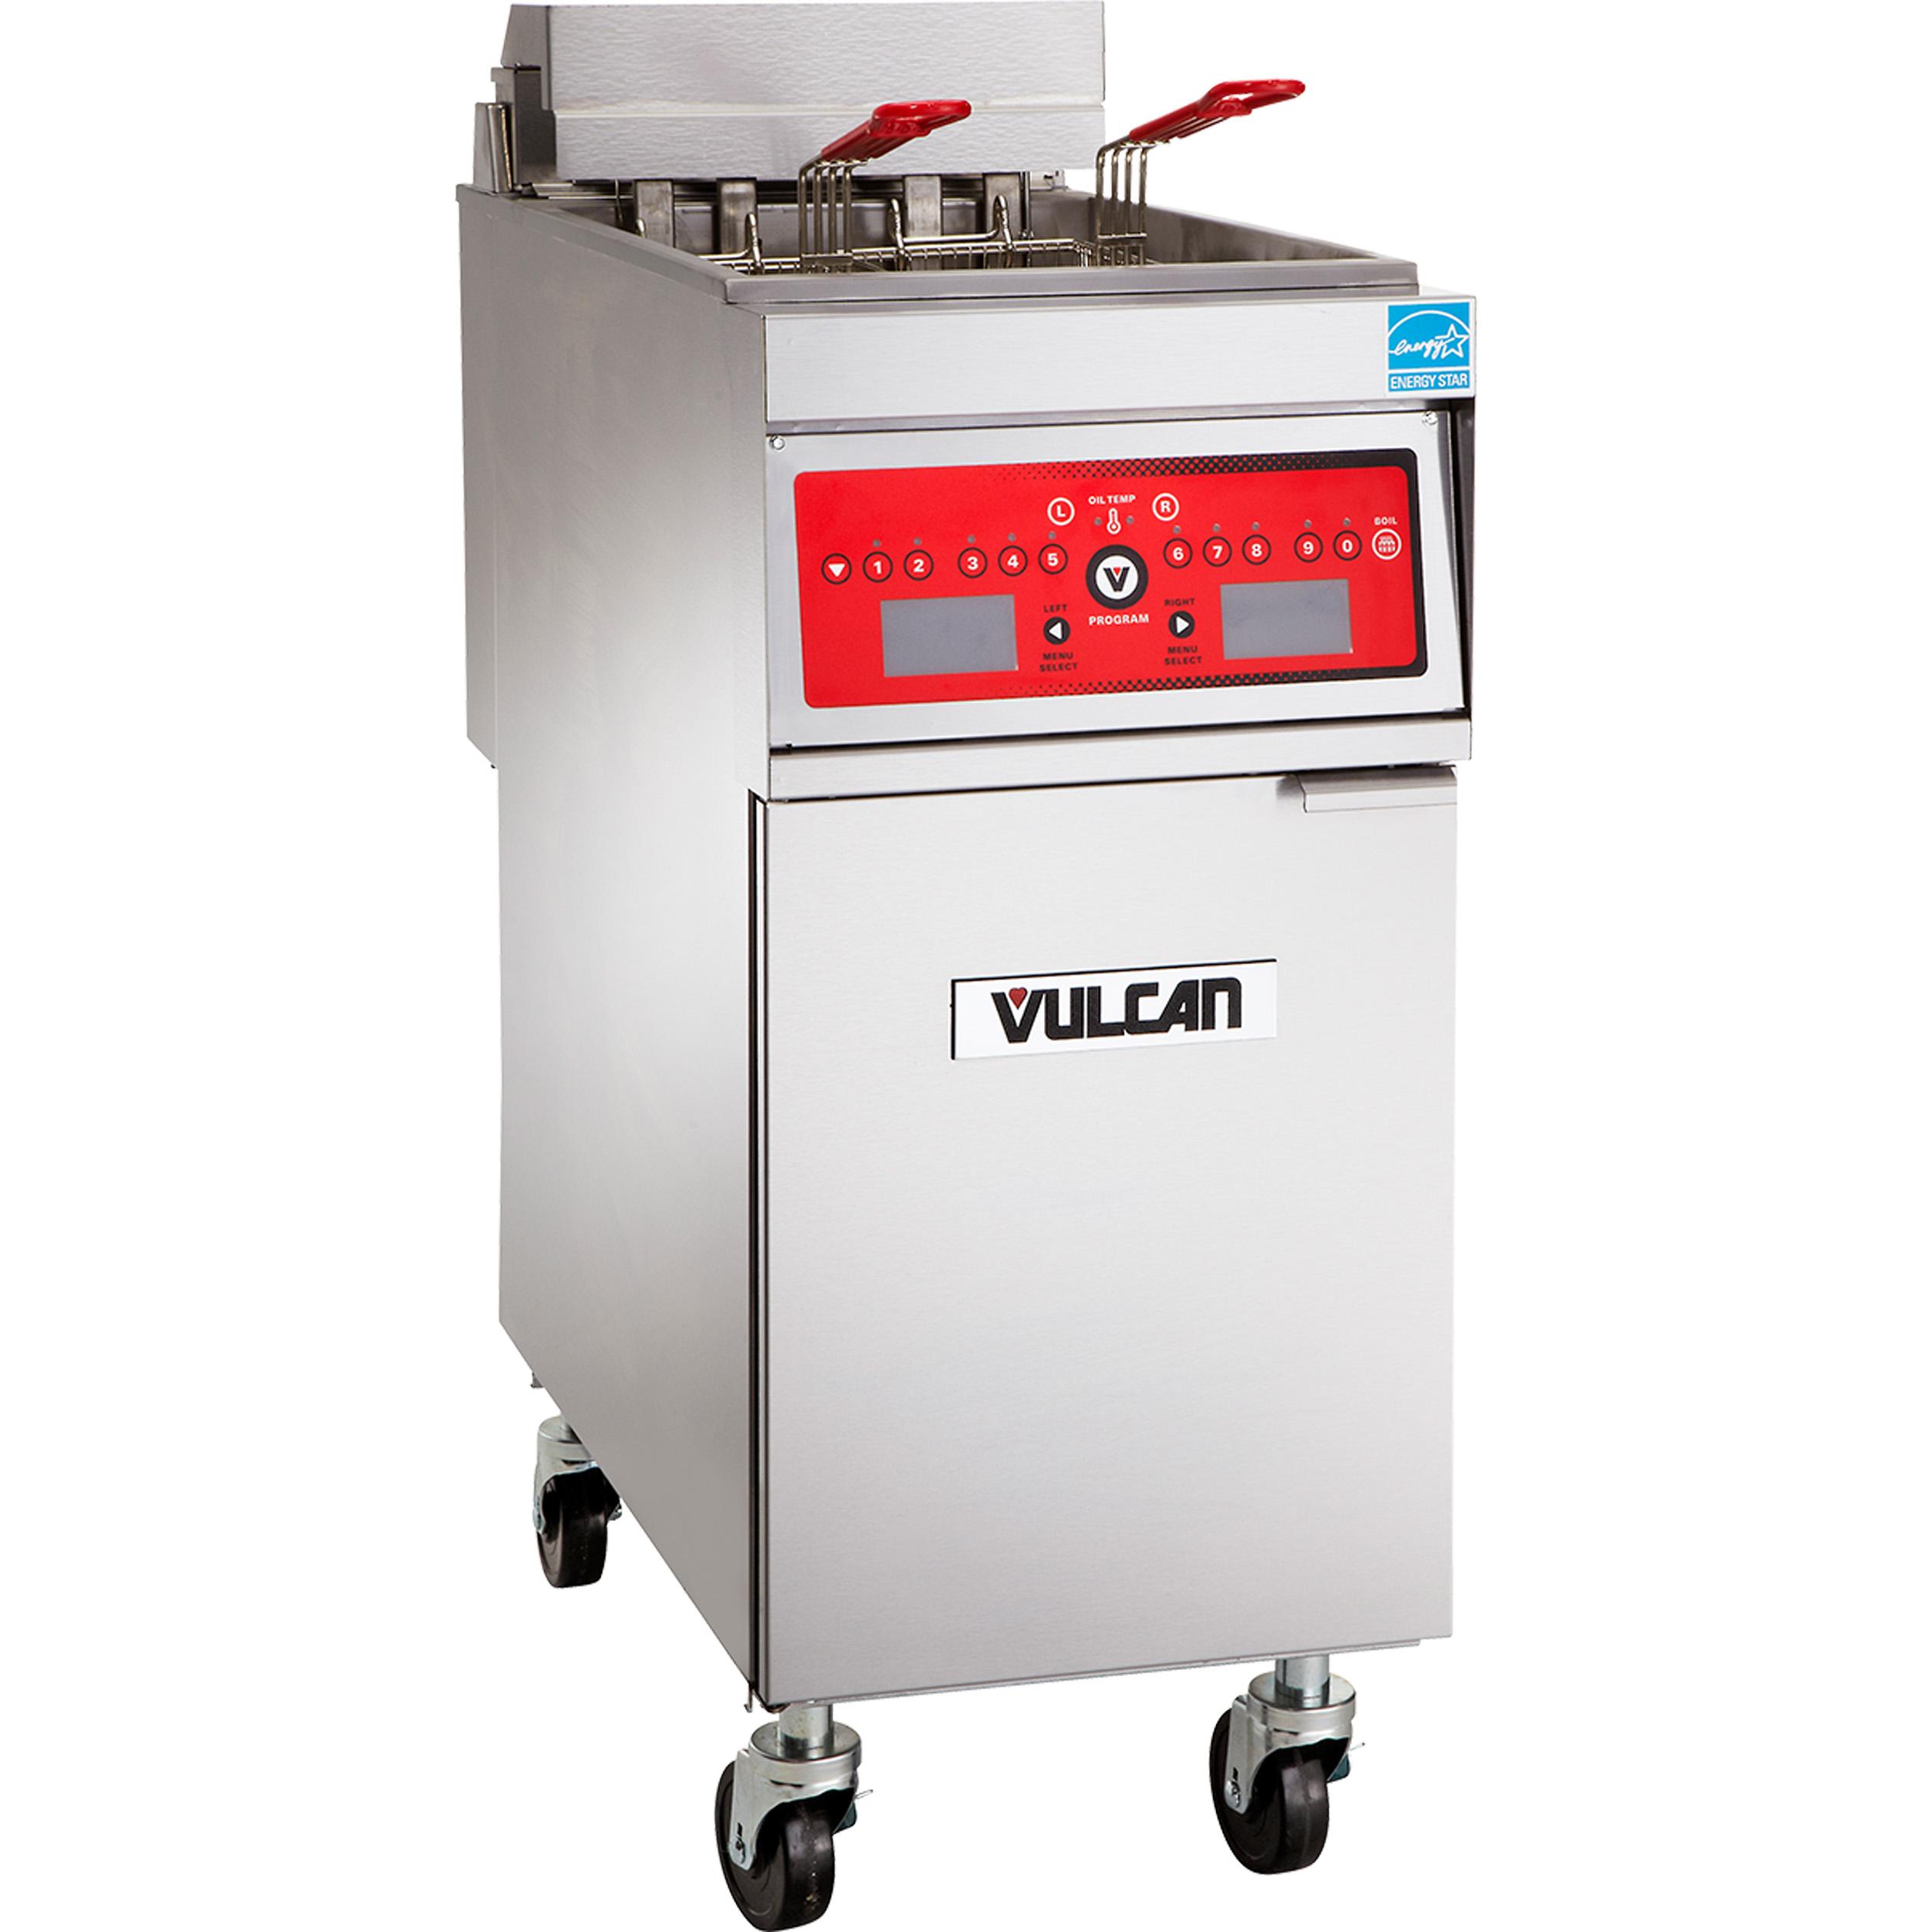 Vulcan 1ER85A fryer, electric, floor model, full pot